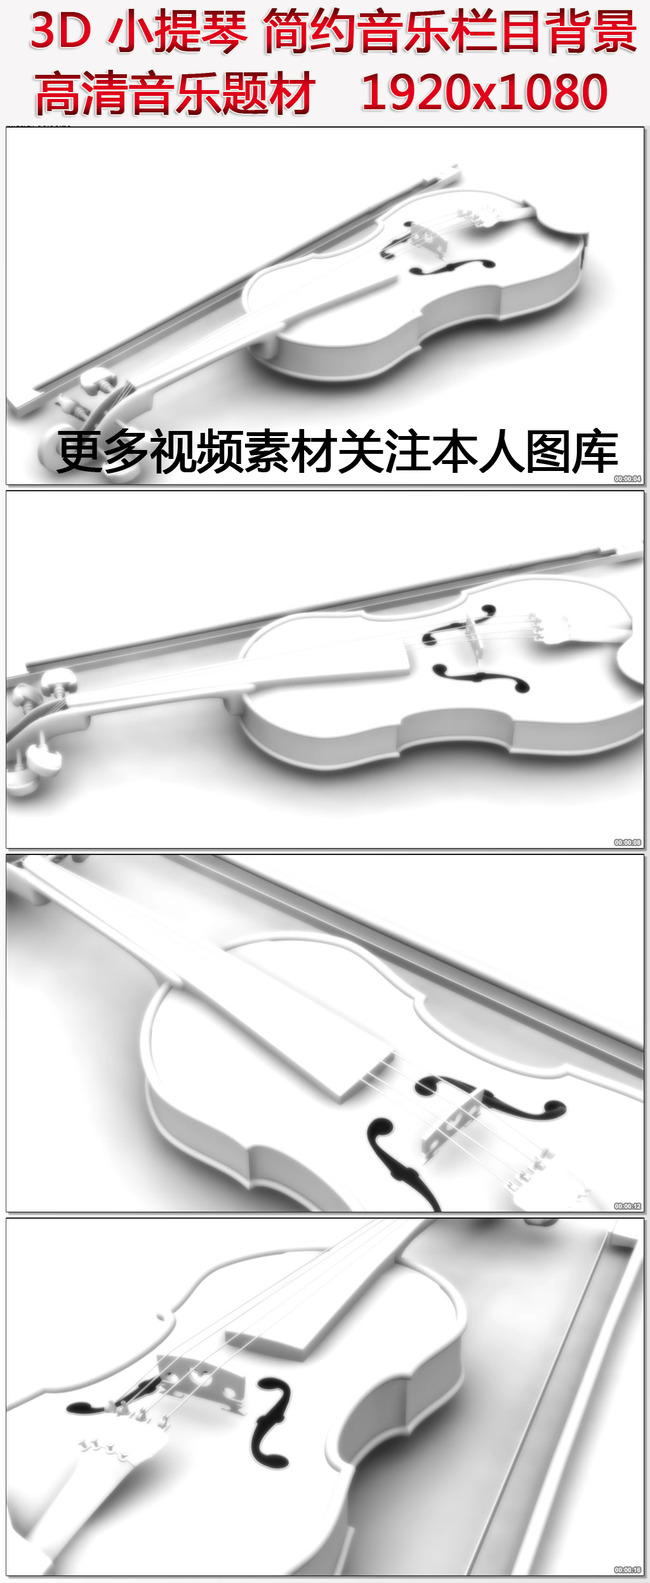 3d小提琴音乐背景素材模板下载(图片编号:12459023)